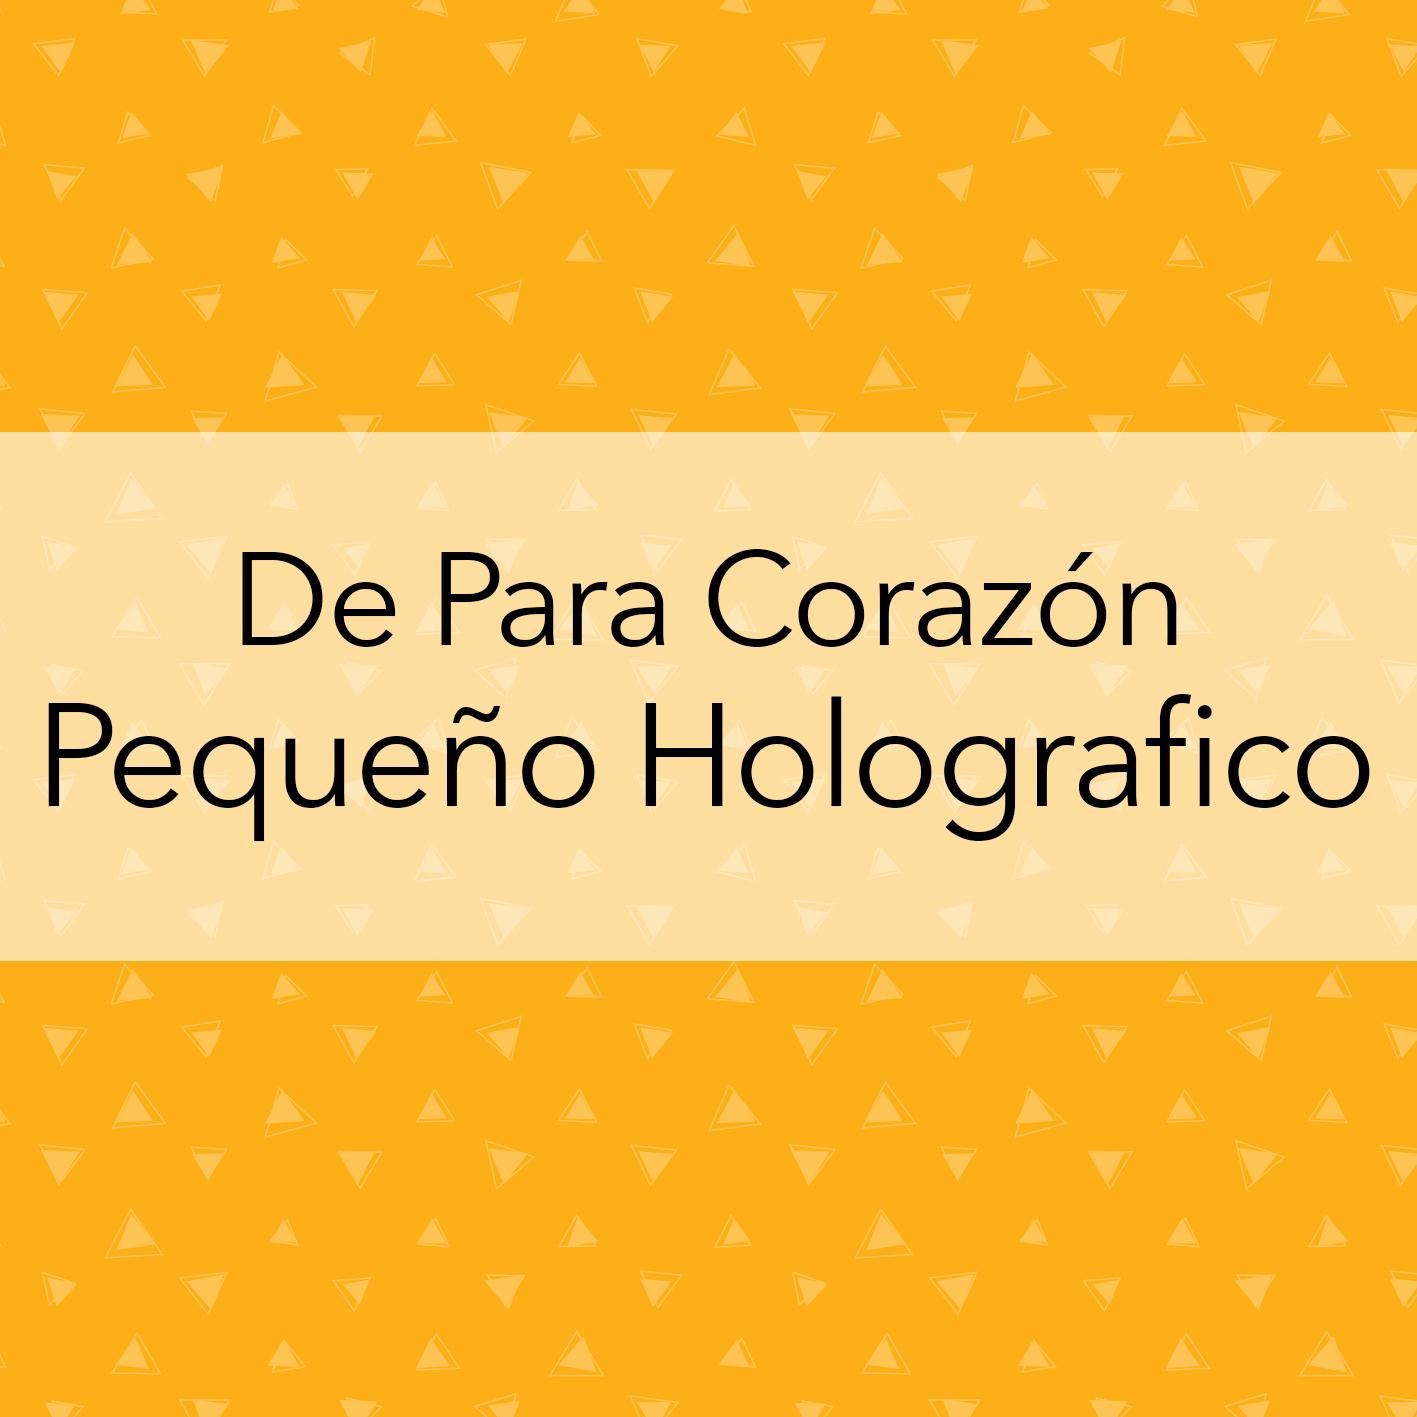 DE PARA CORAZÓN PEQUEÑO HOLOGRAFICO